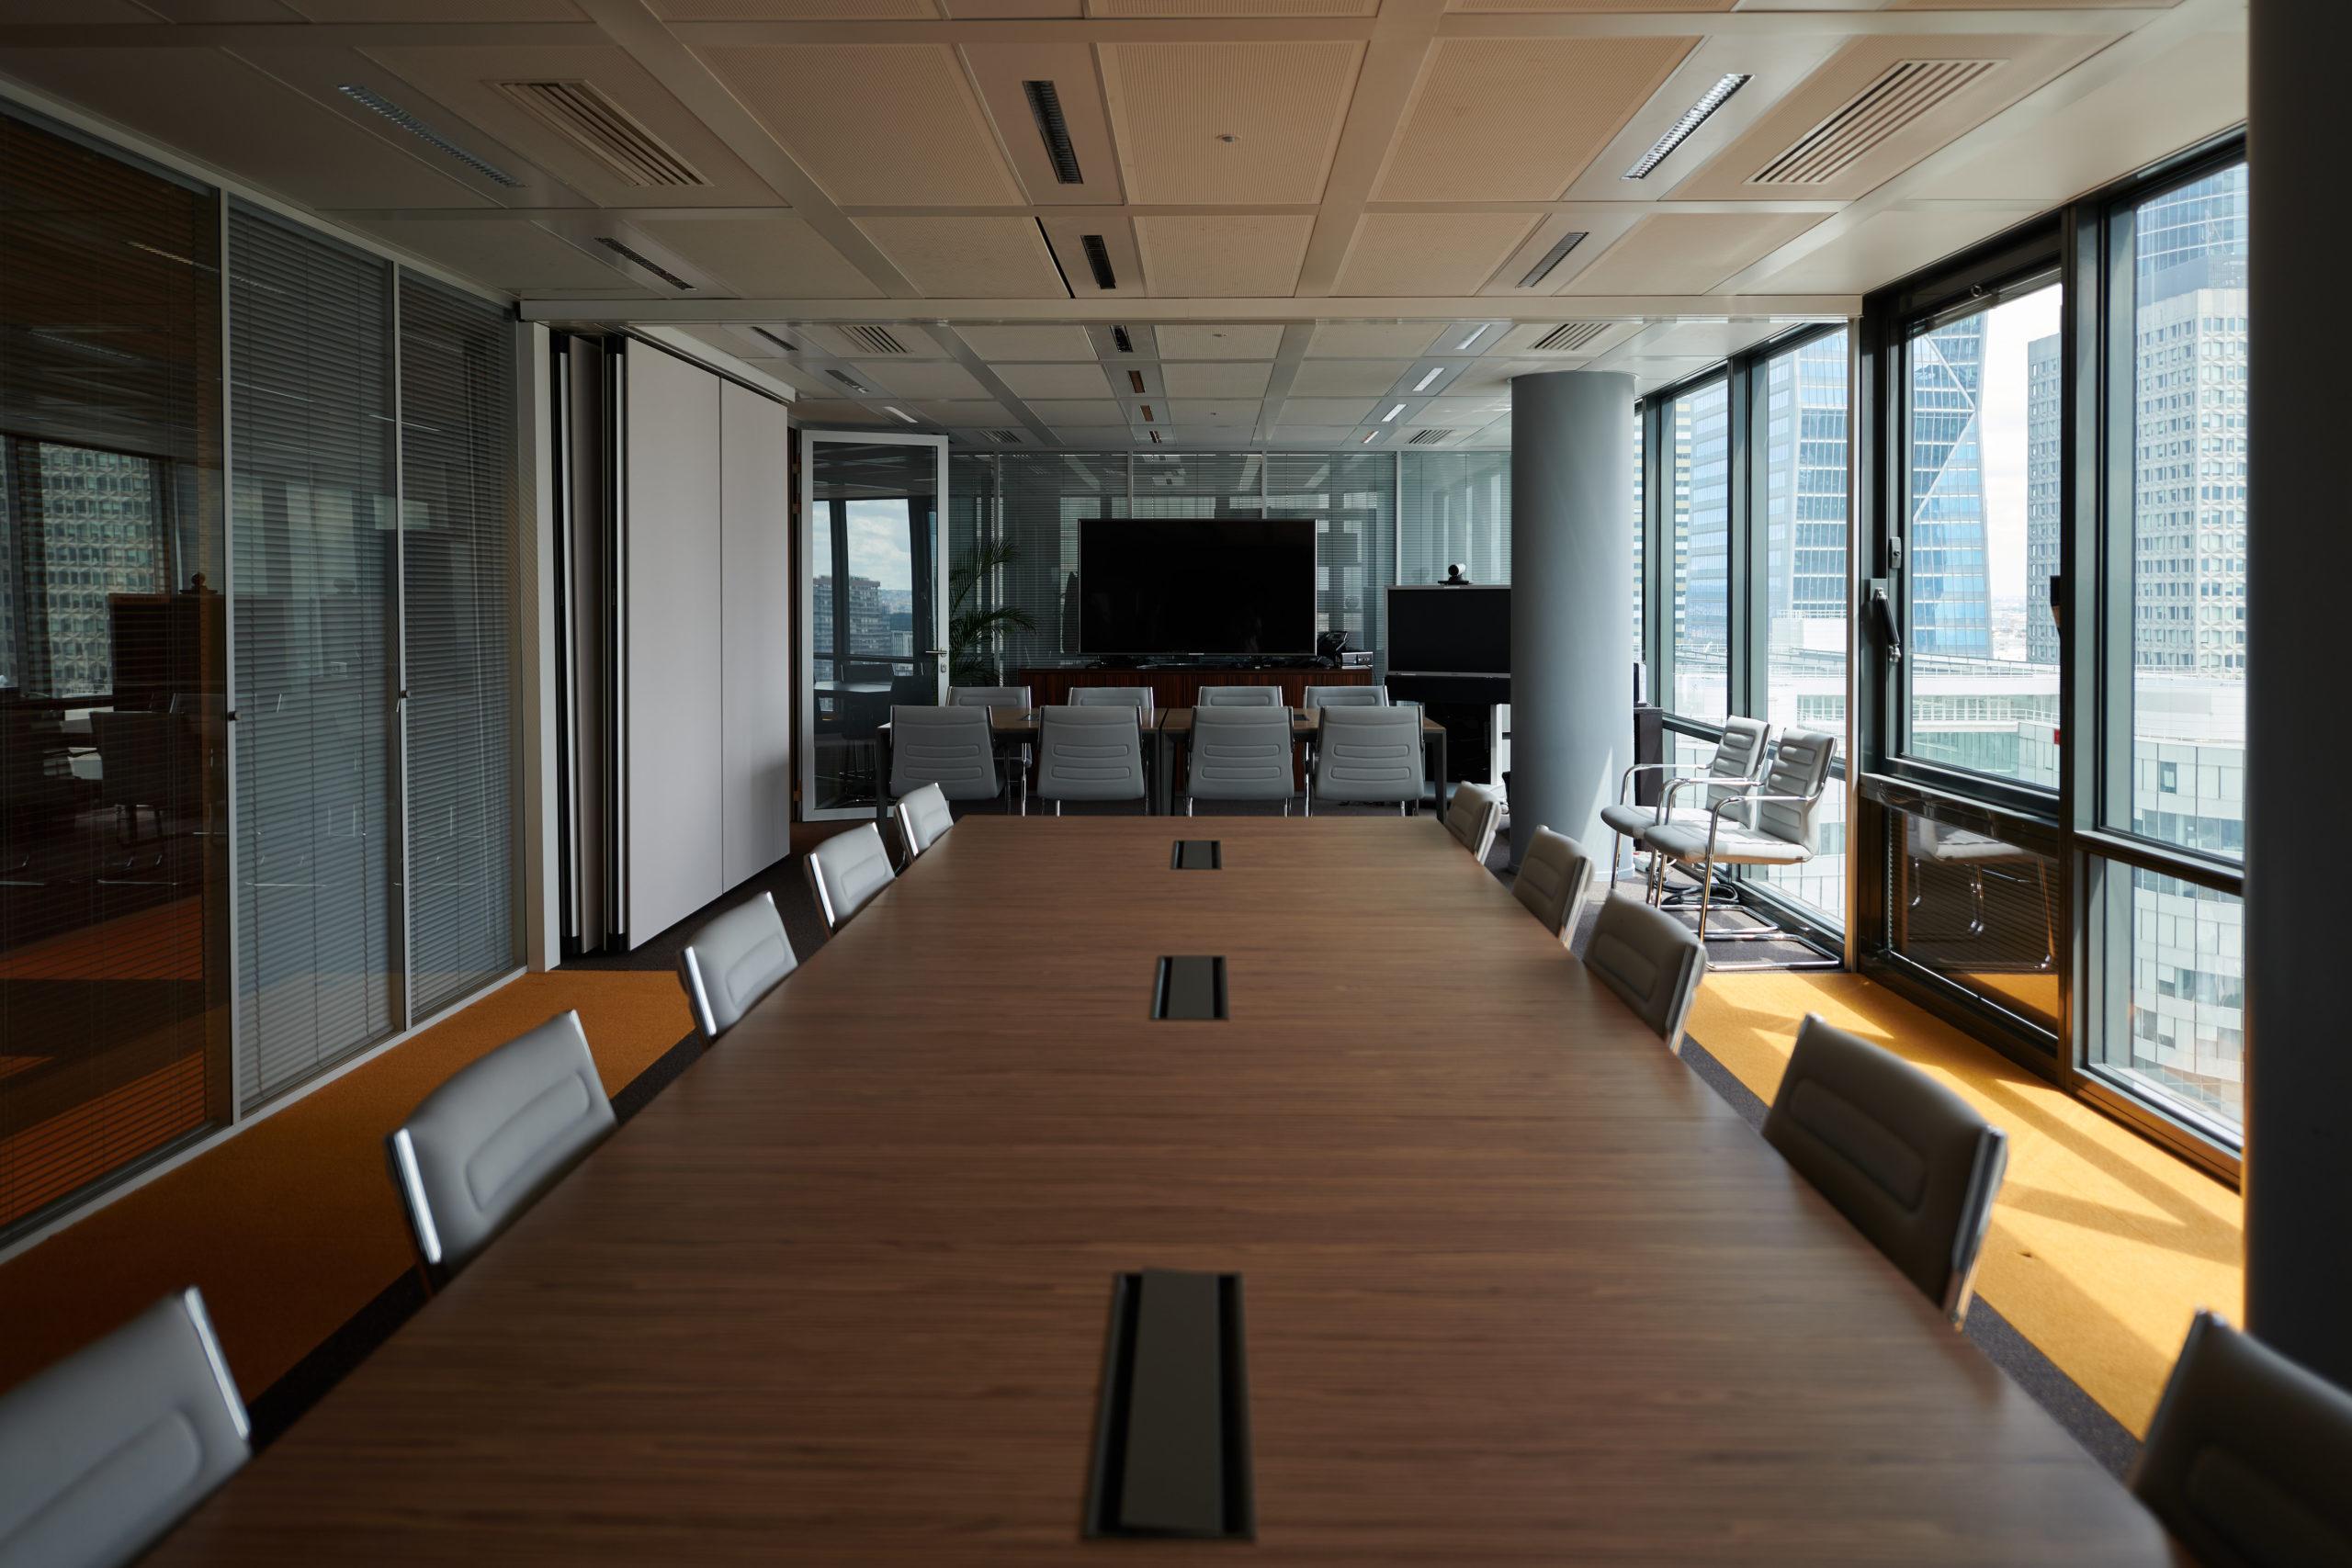 HDI-salle de conseil-table réunion connecté-fauteuil